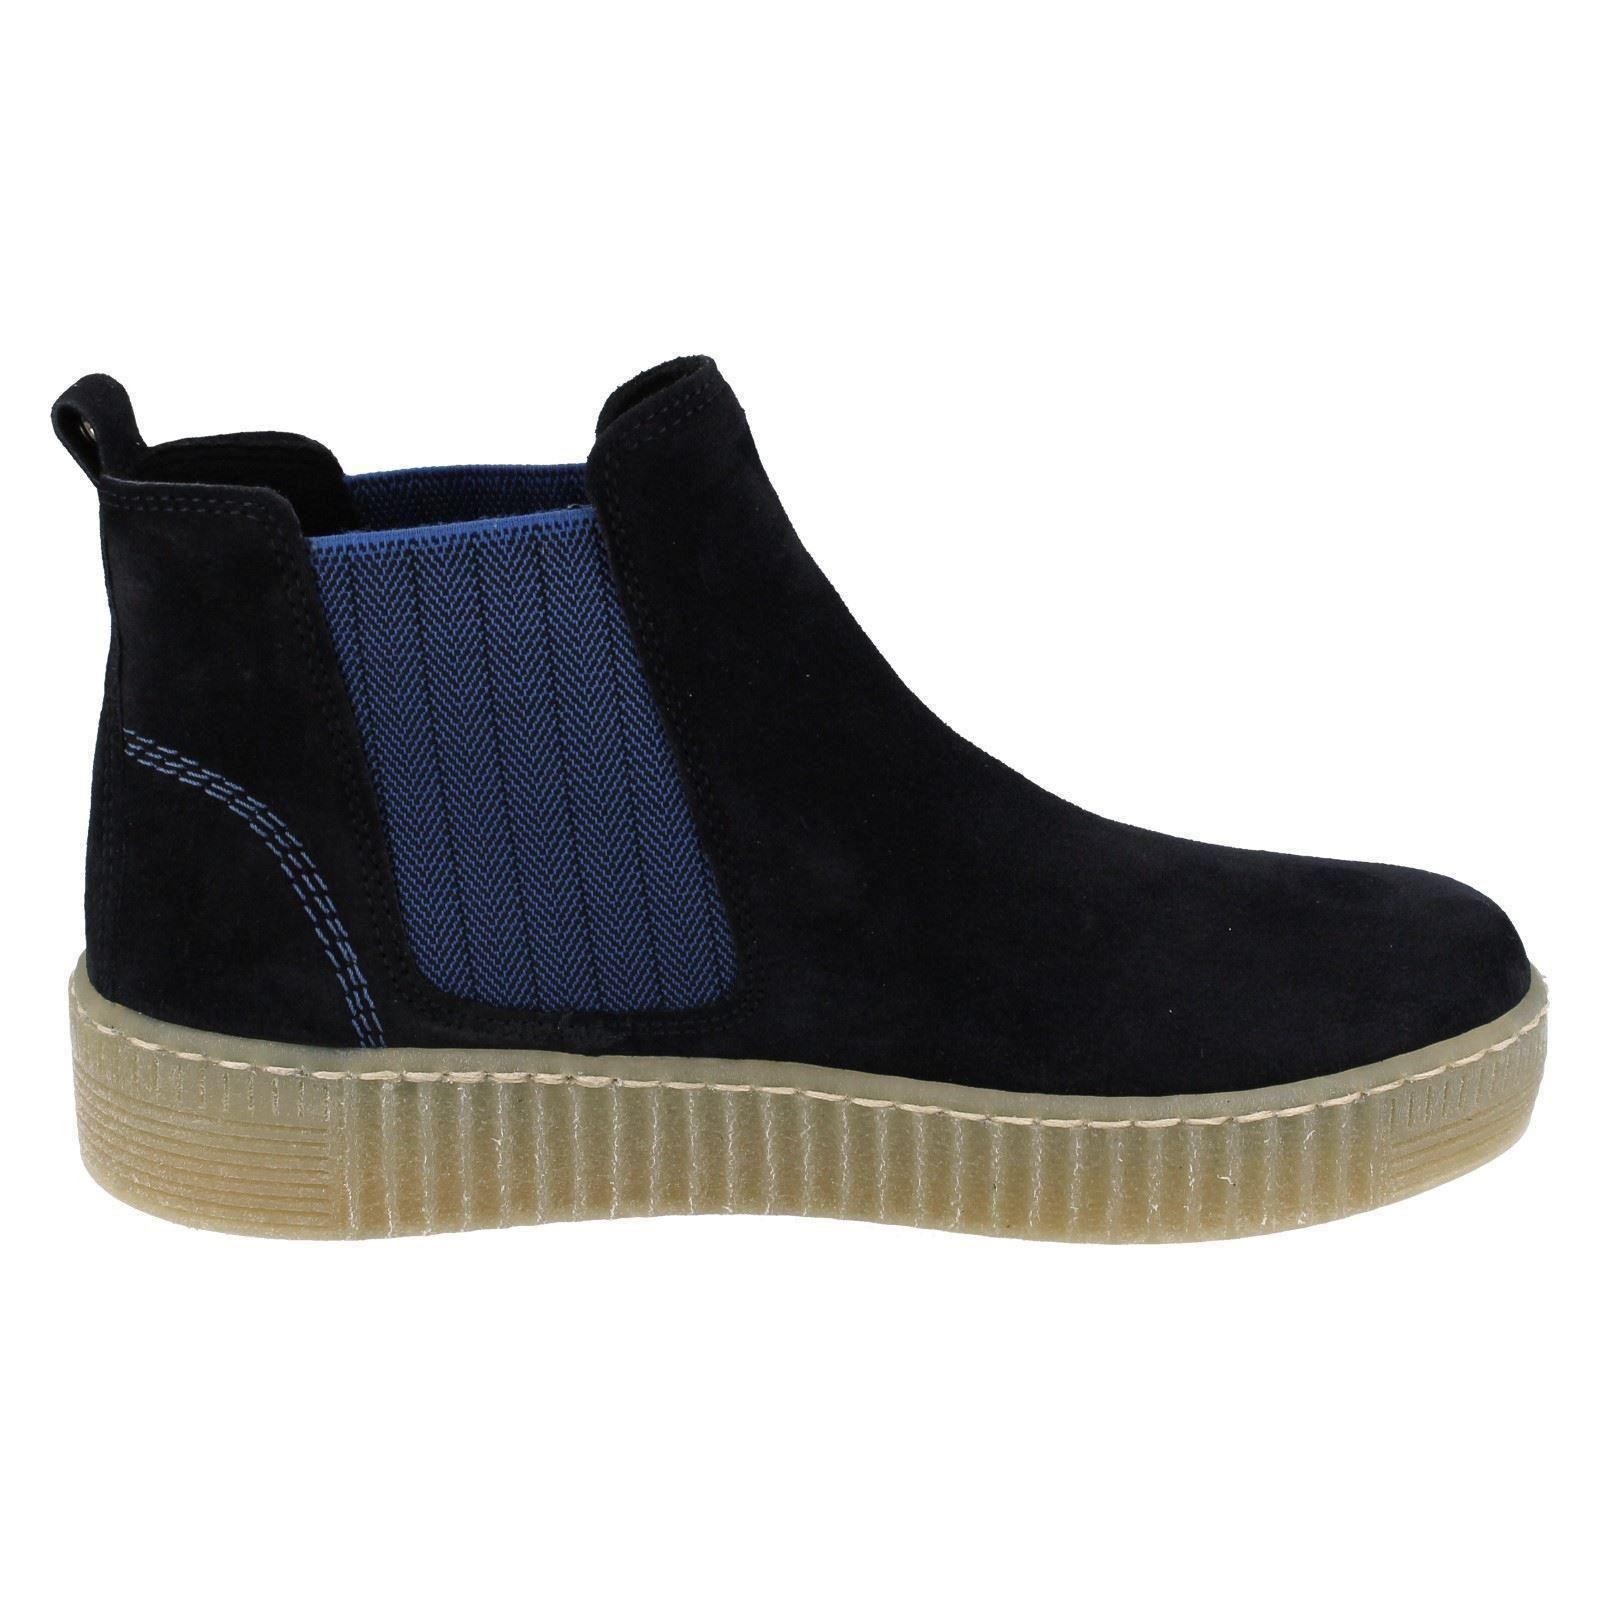 bd9231cc32e584 Ladies-Gabor-Ankle-Boots-039-93731-039 thumbnail 9